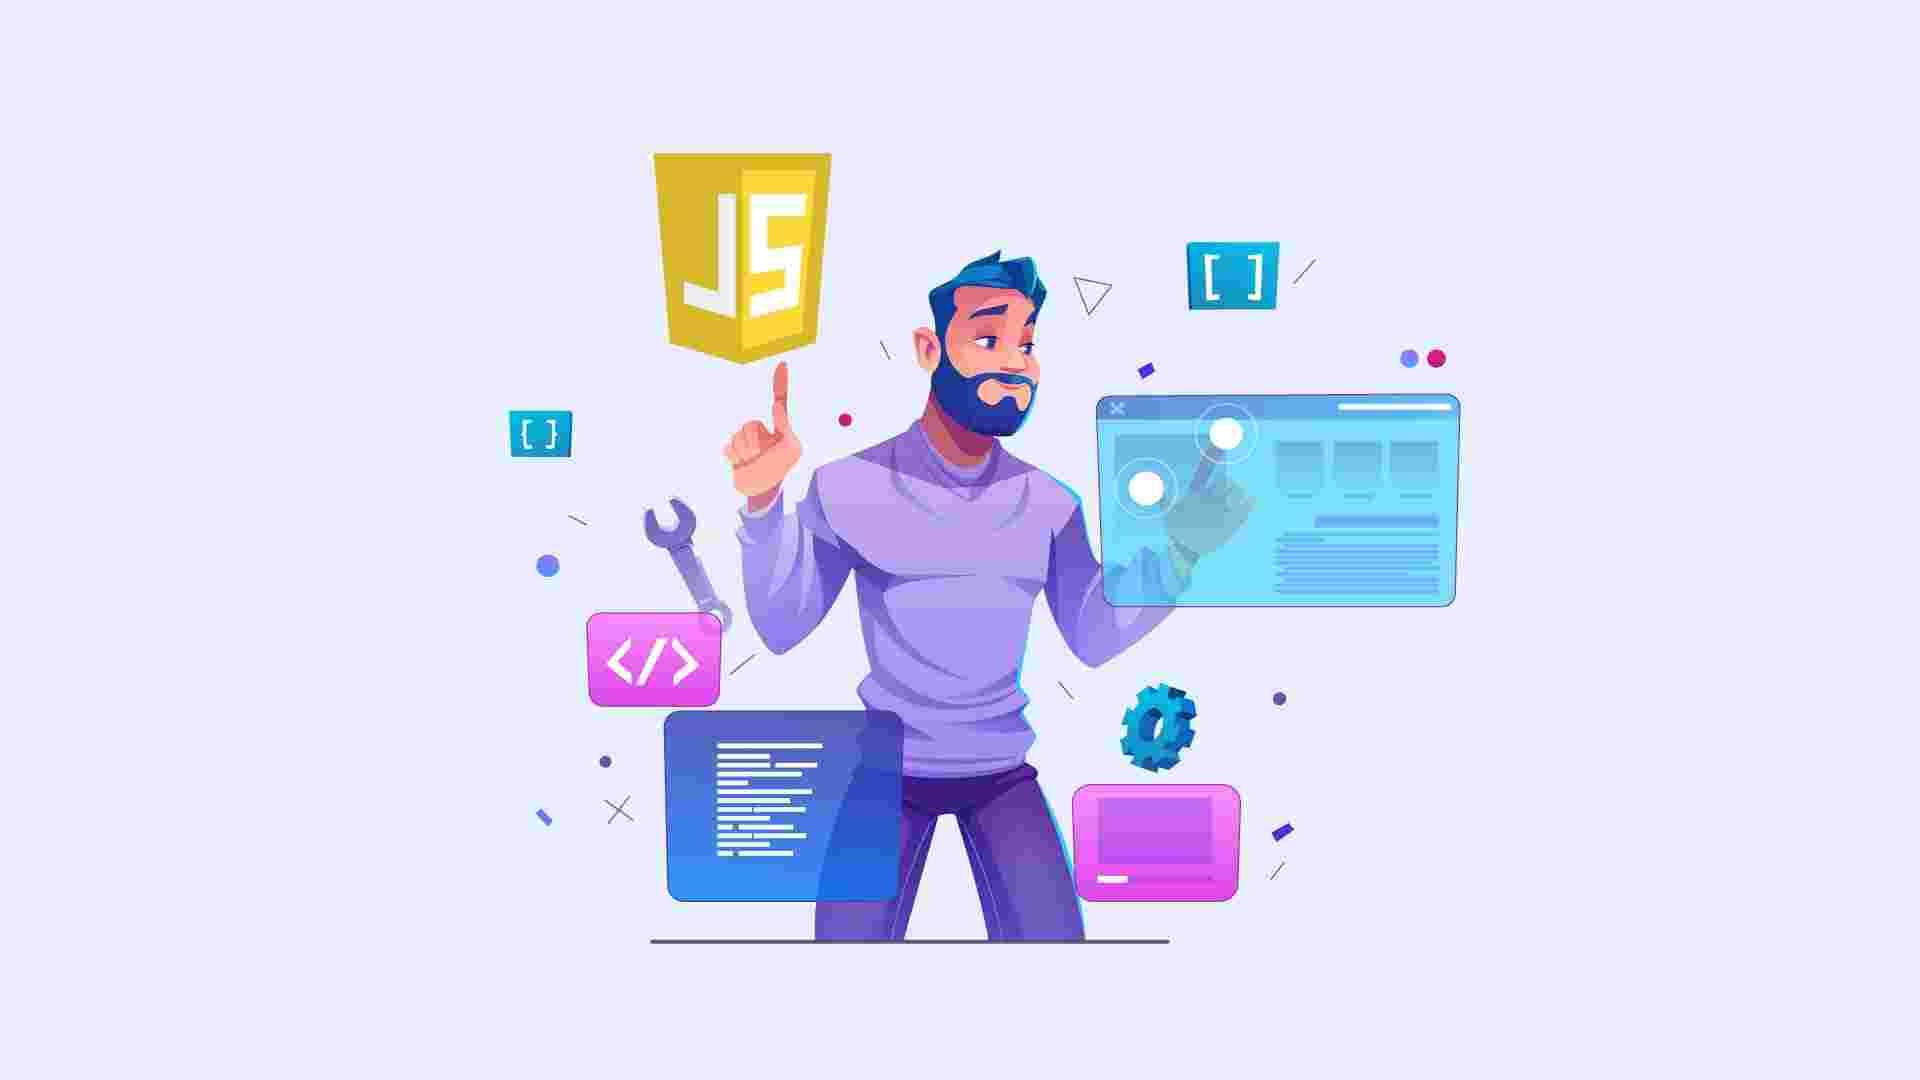 آموزش جاوا اسکریپت (JavaScript) از مقدماتی تا پیشرفته